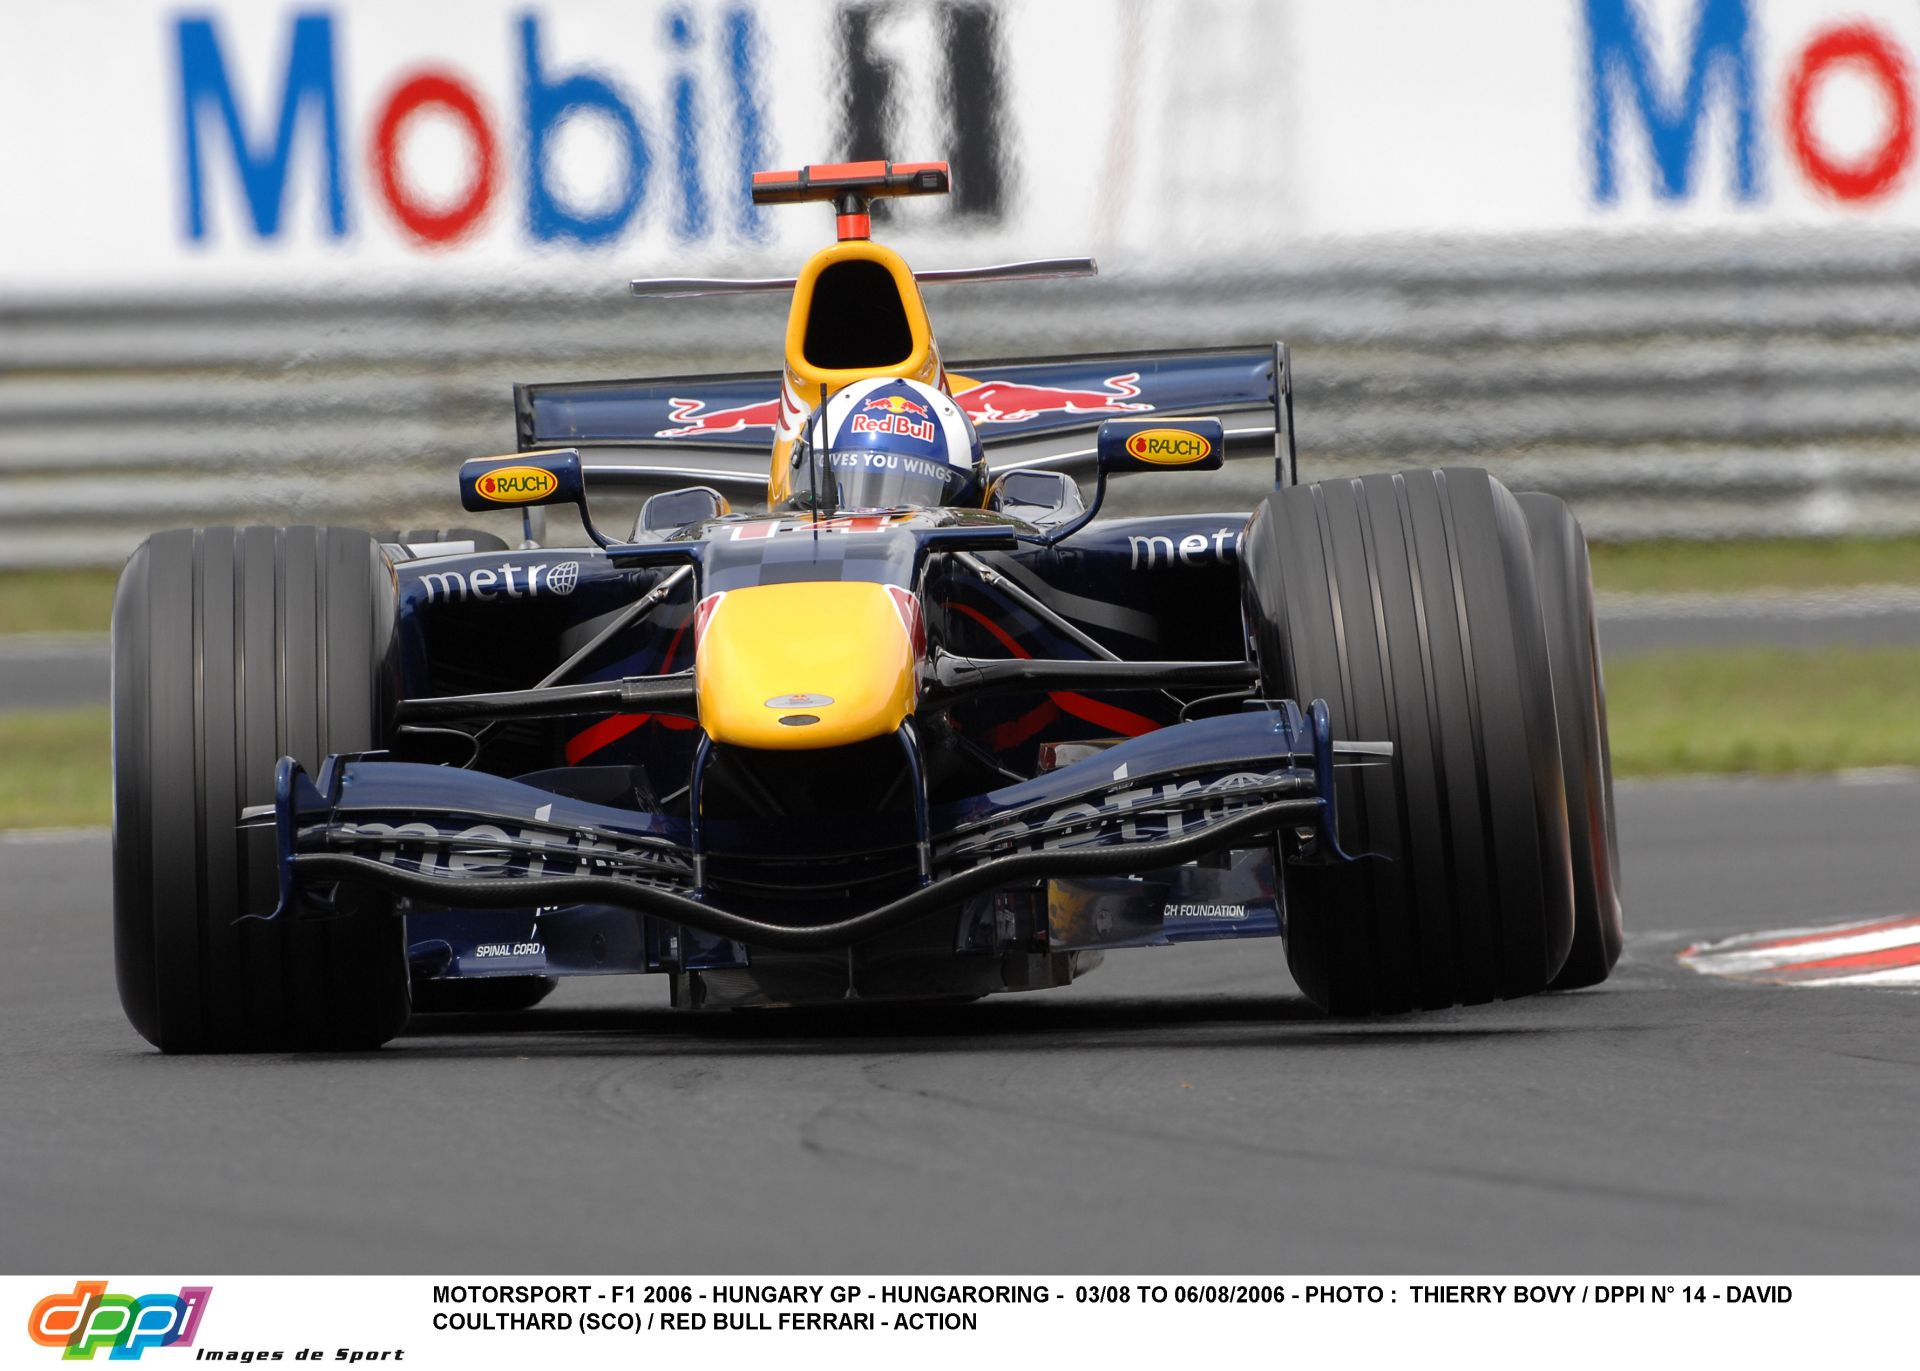 Magyar Nagydíj 2005: A rajt pillanatai! Borul a Red Bull!